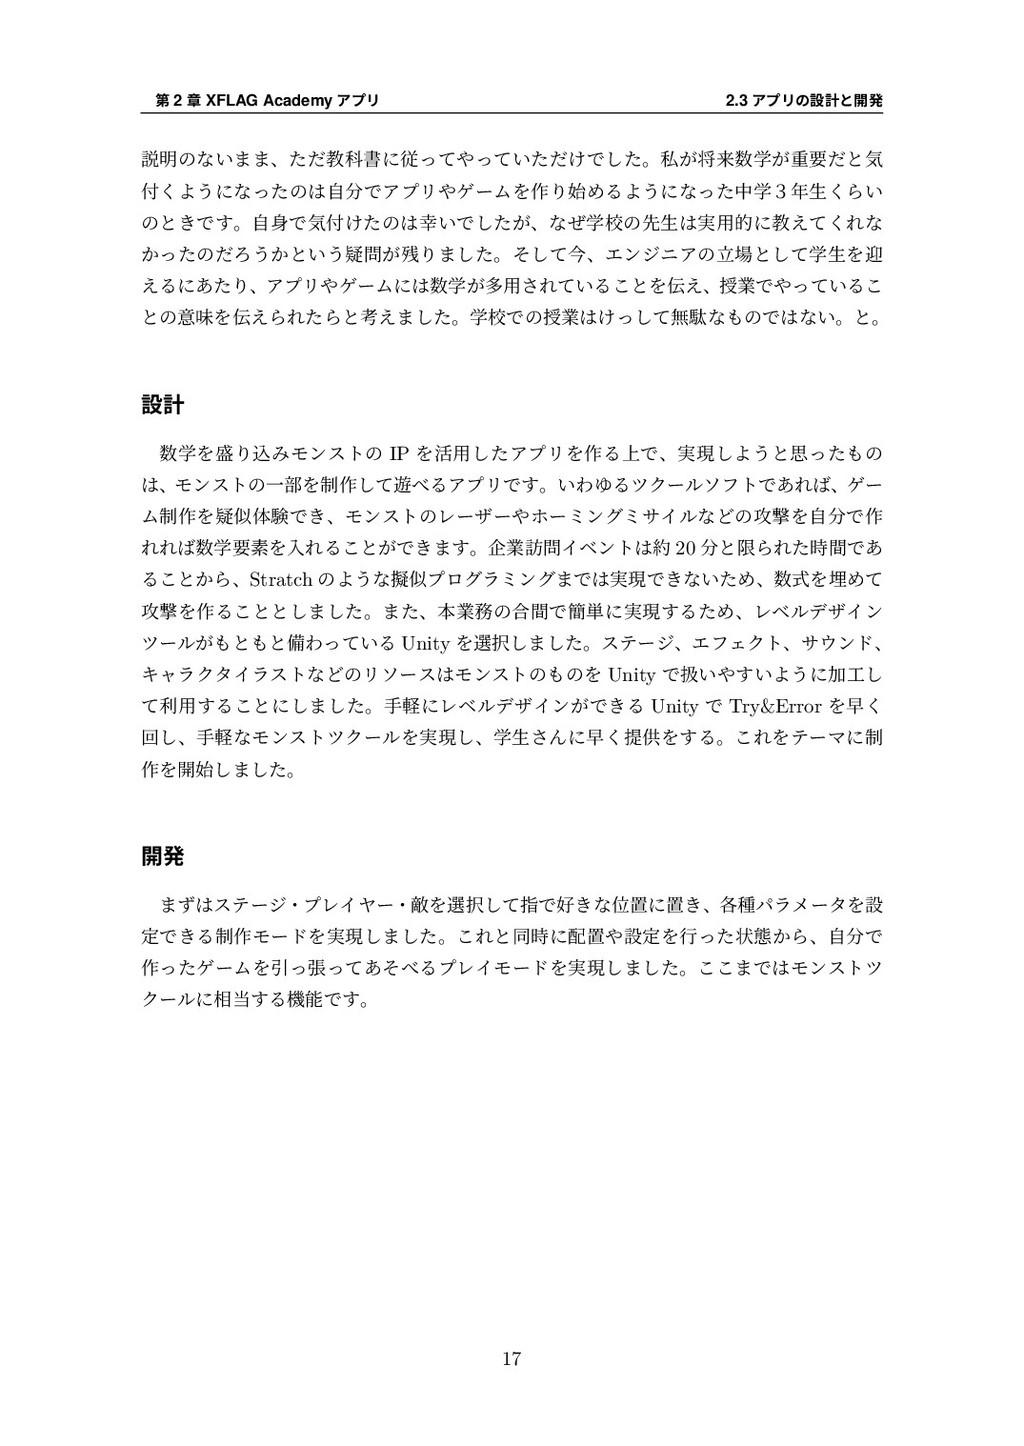 第 2 章 XFLAG Academy アプリ 2.3 アプリの設計と開発 説明のないまま、た...